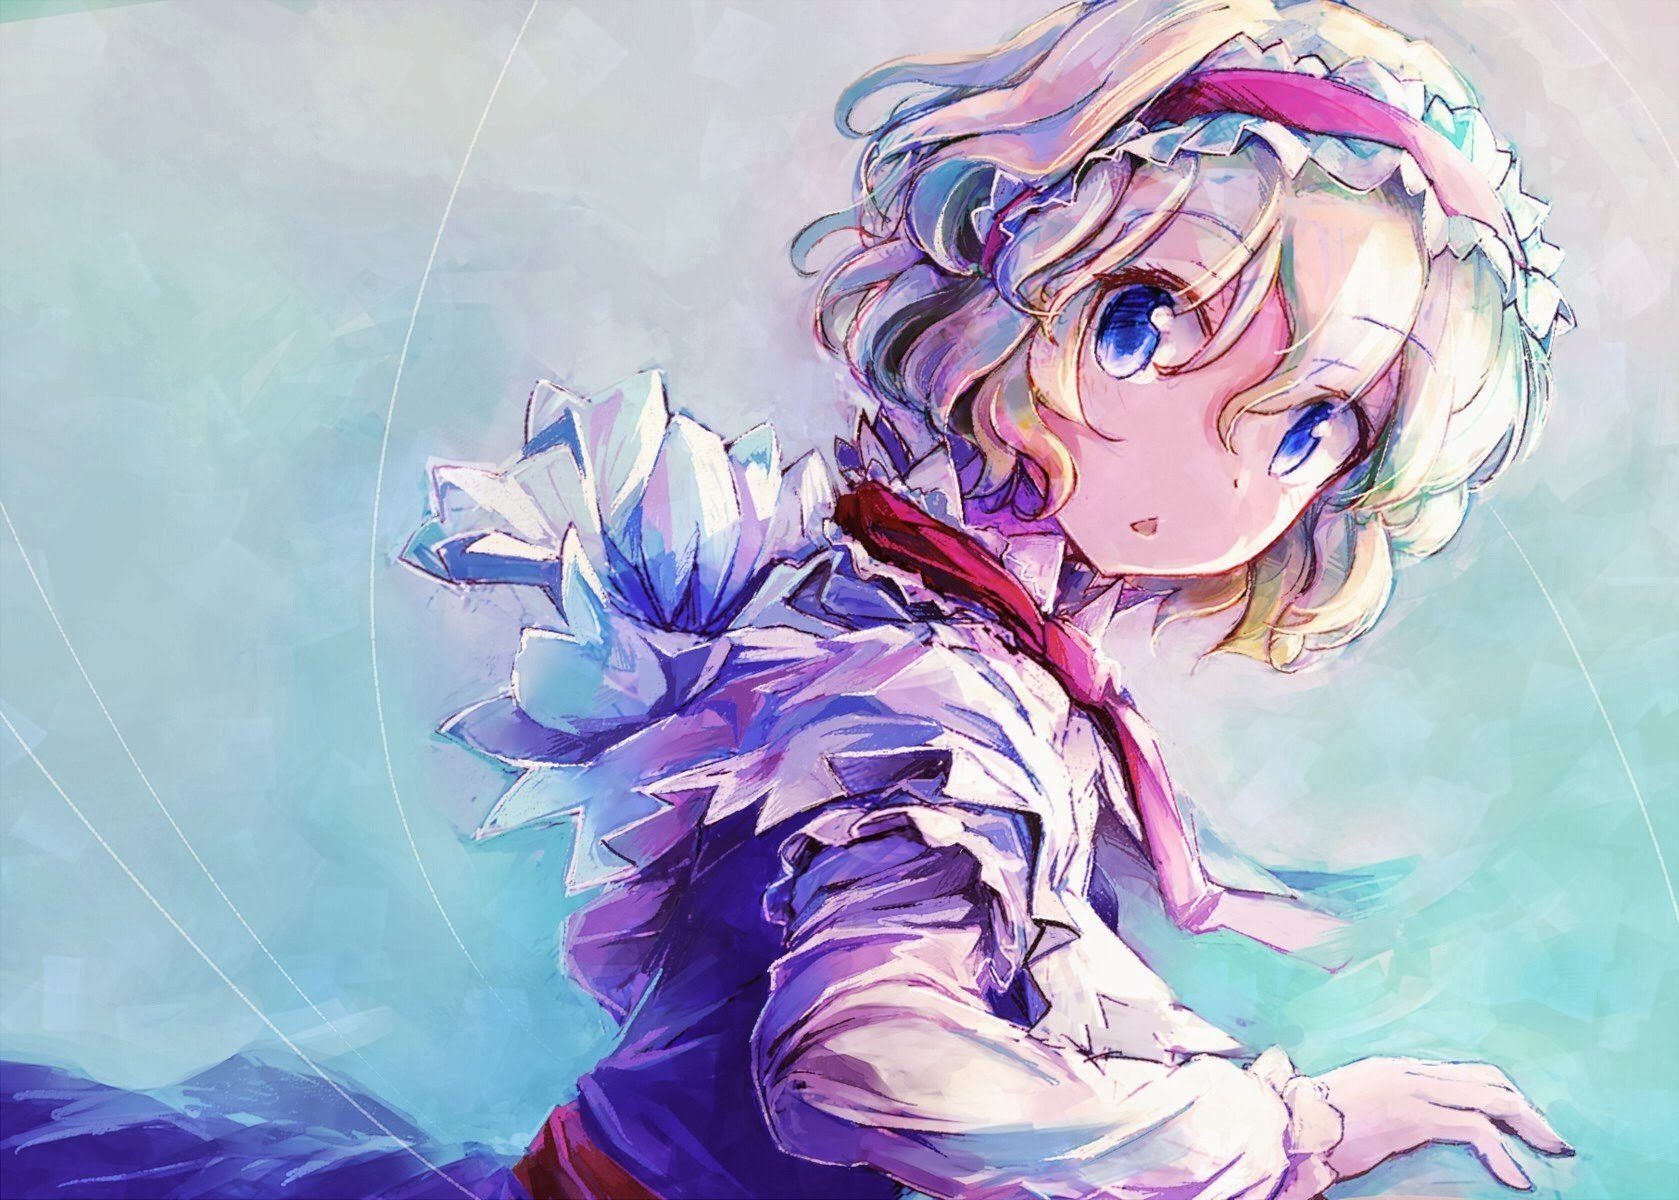 4k Anime Wallpaper